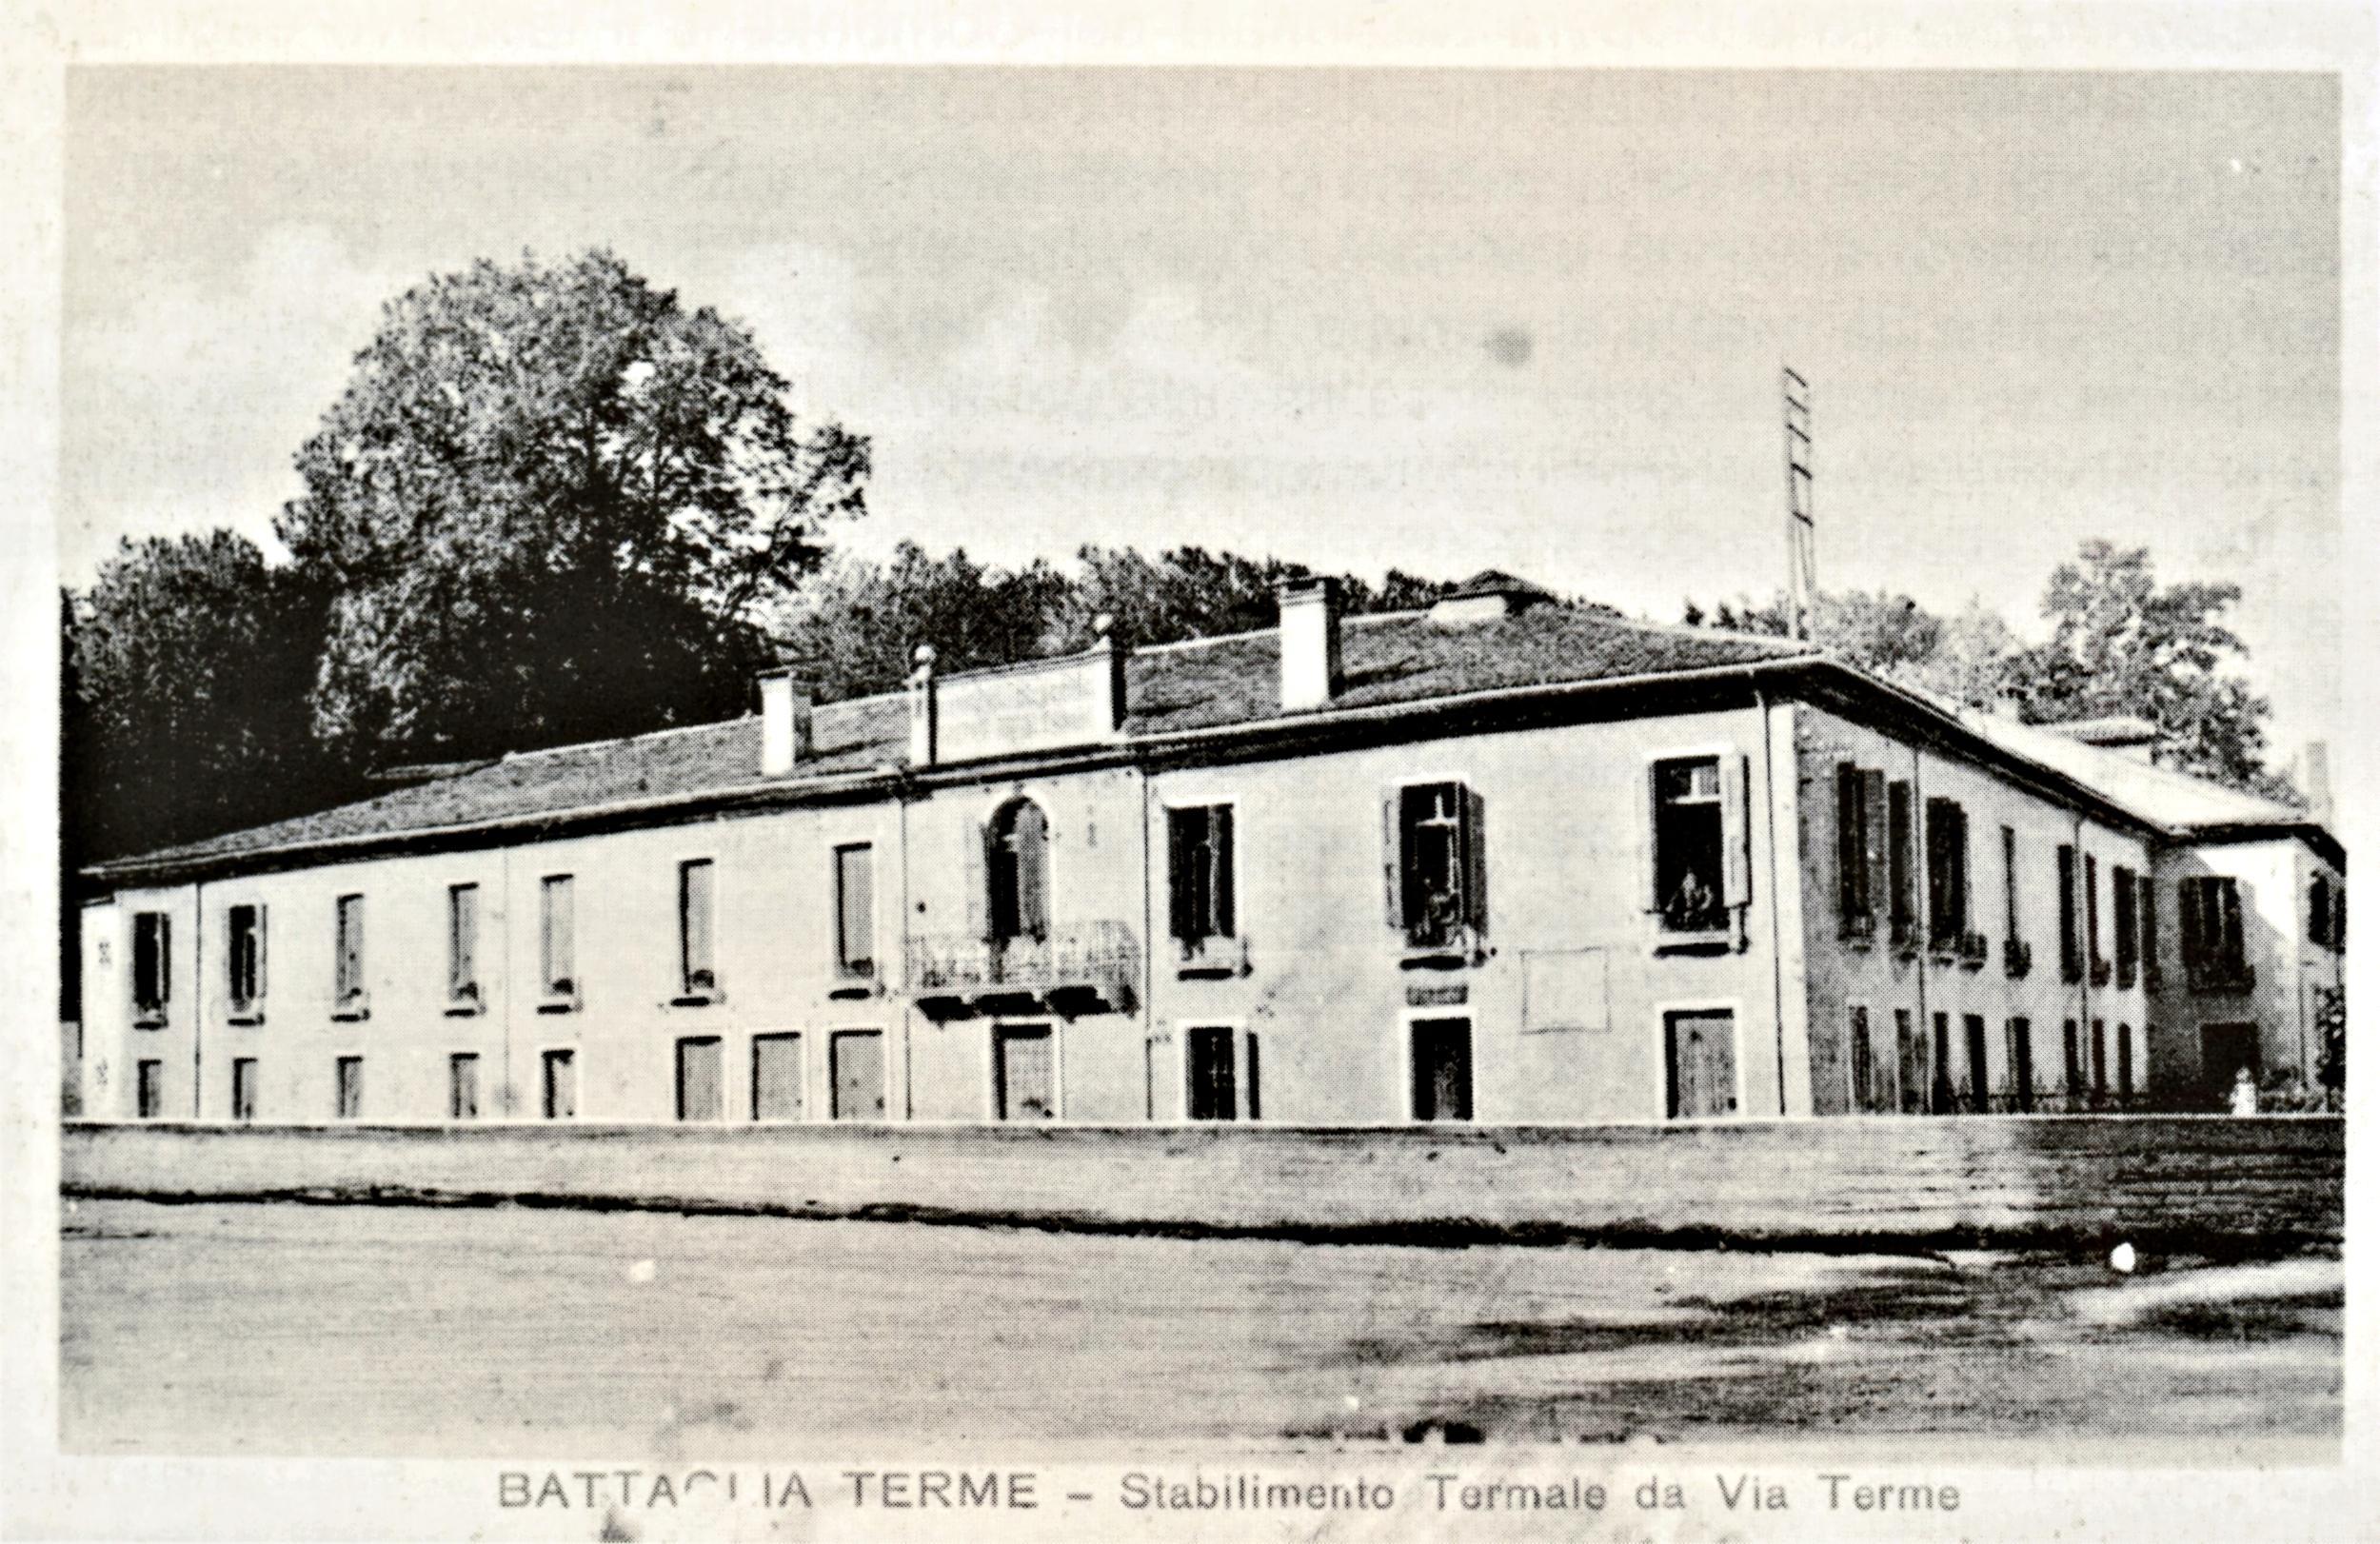 Battaglia, facciata del Grand Hotel lungo il canale (cartolina)